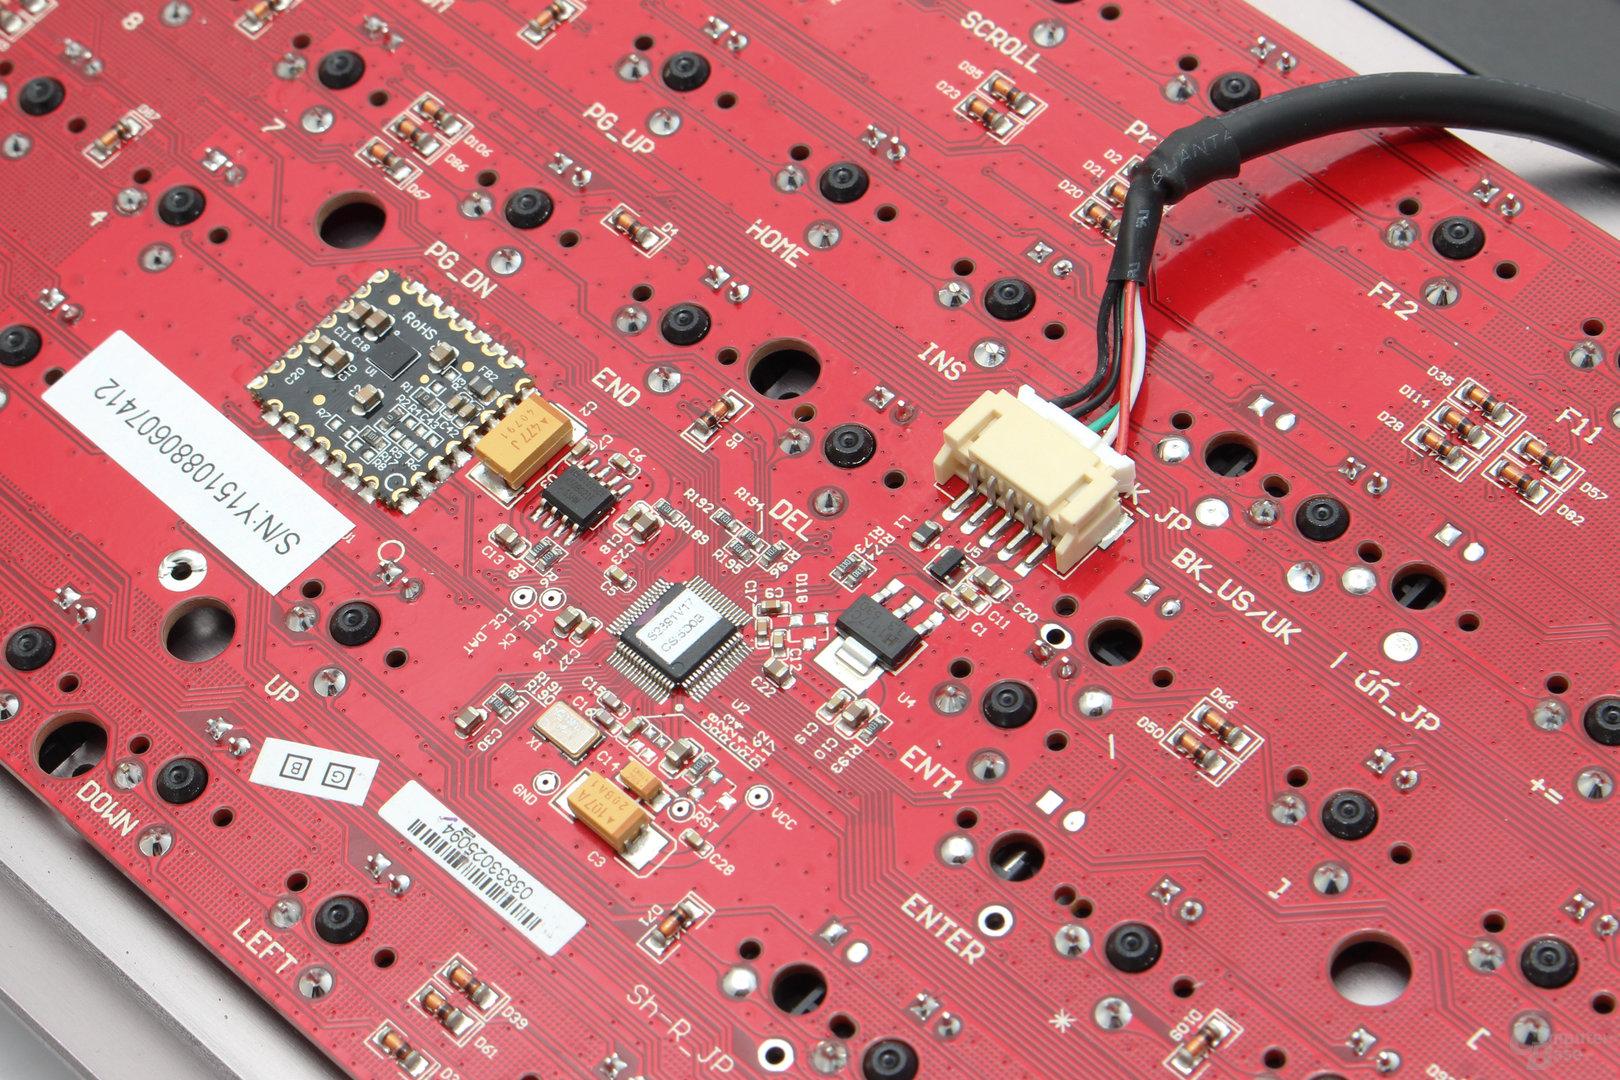 Der Controller stammt von Nuvoton (NUC 123)